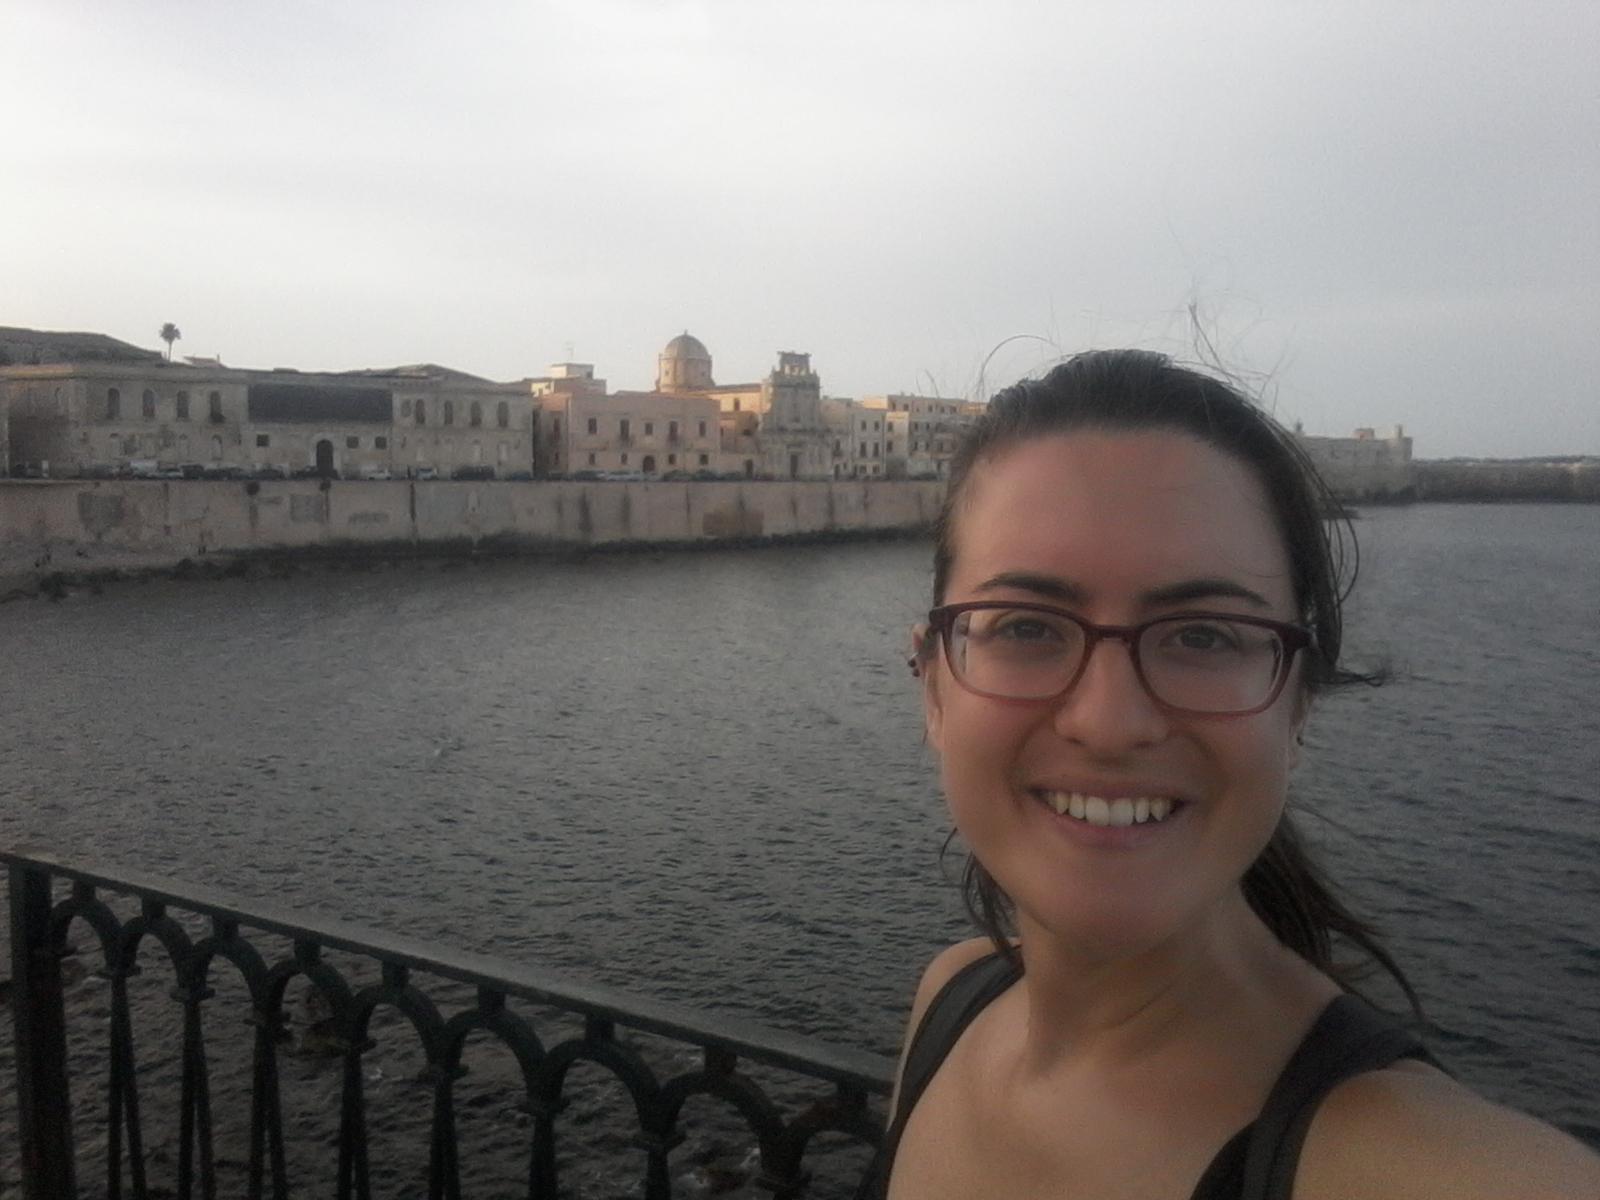 Paseando por Ortigia junto al mar